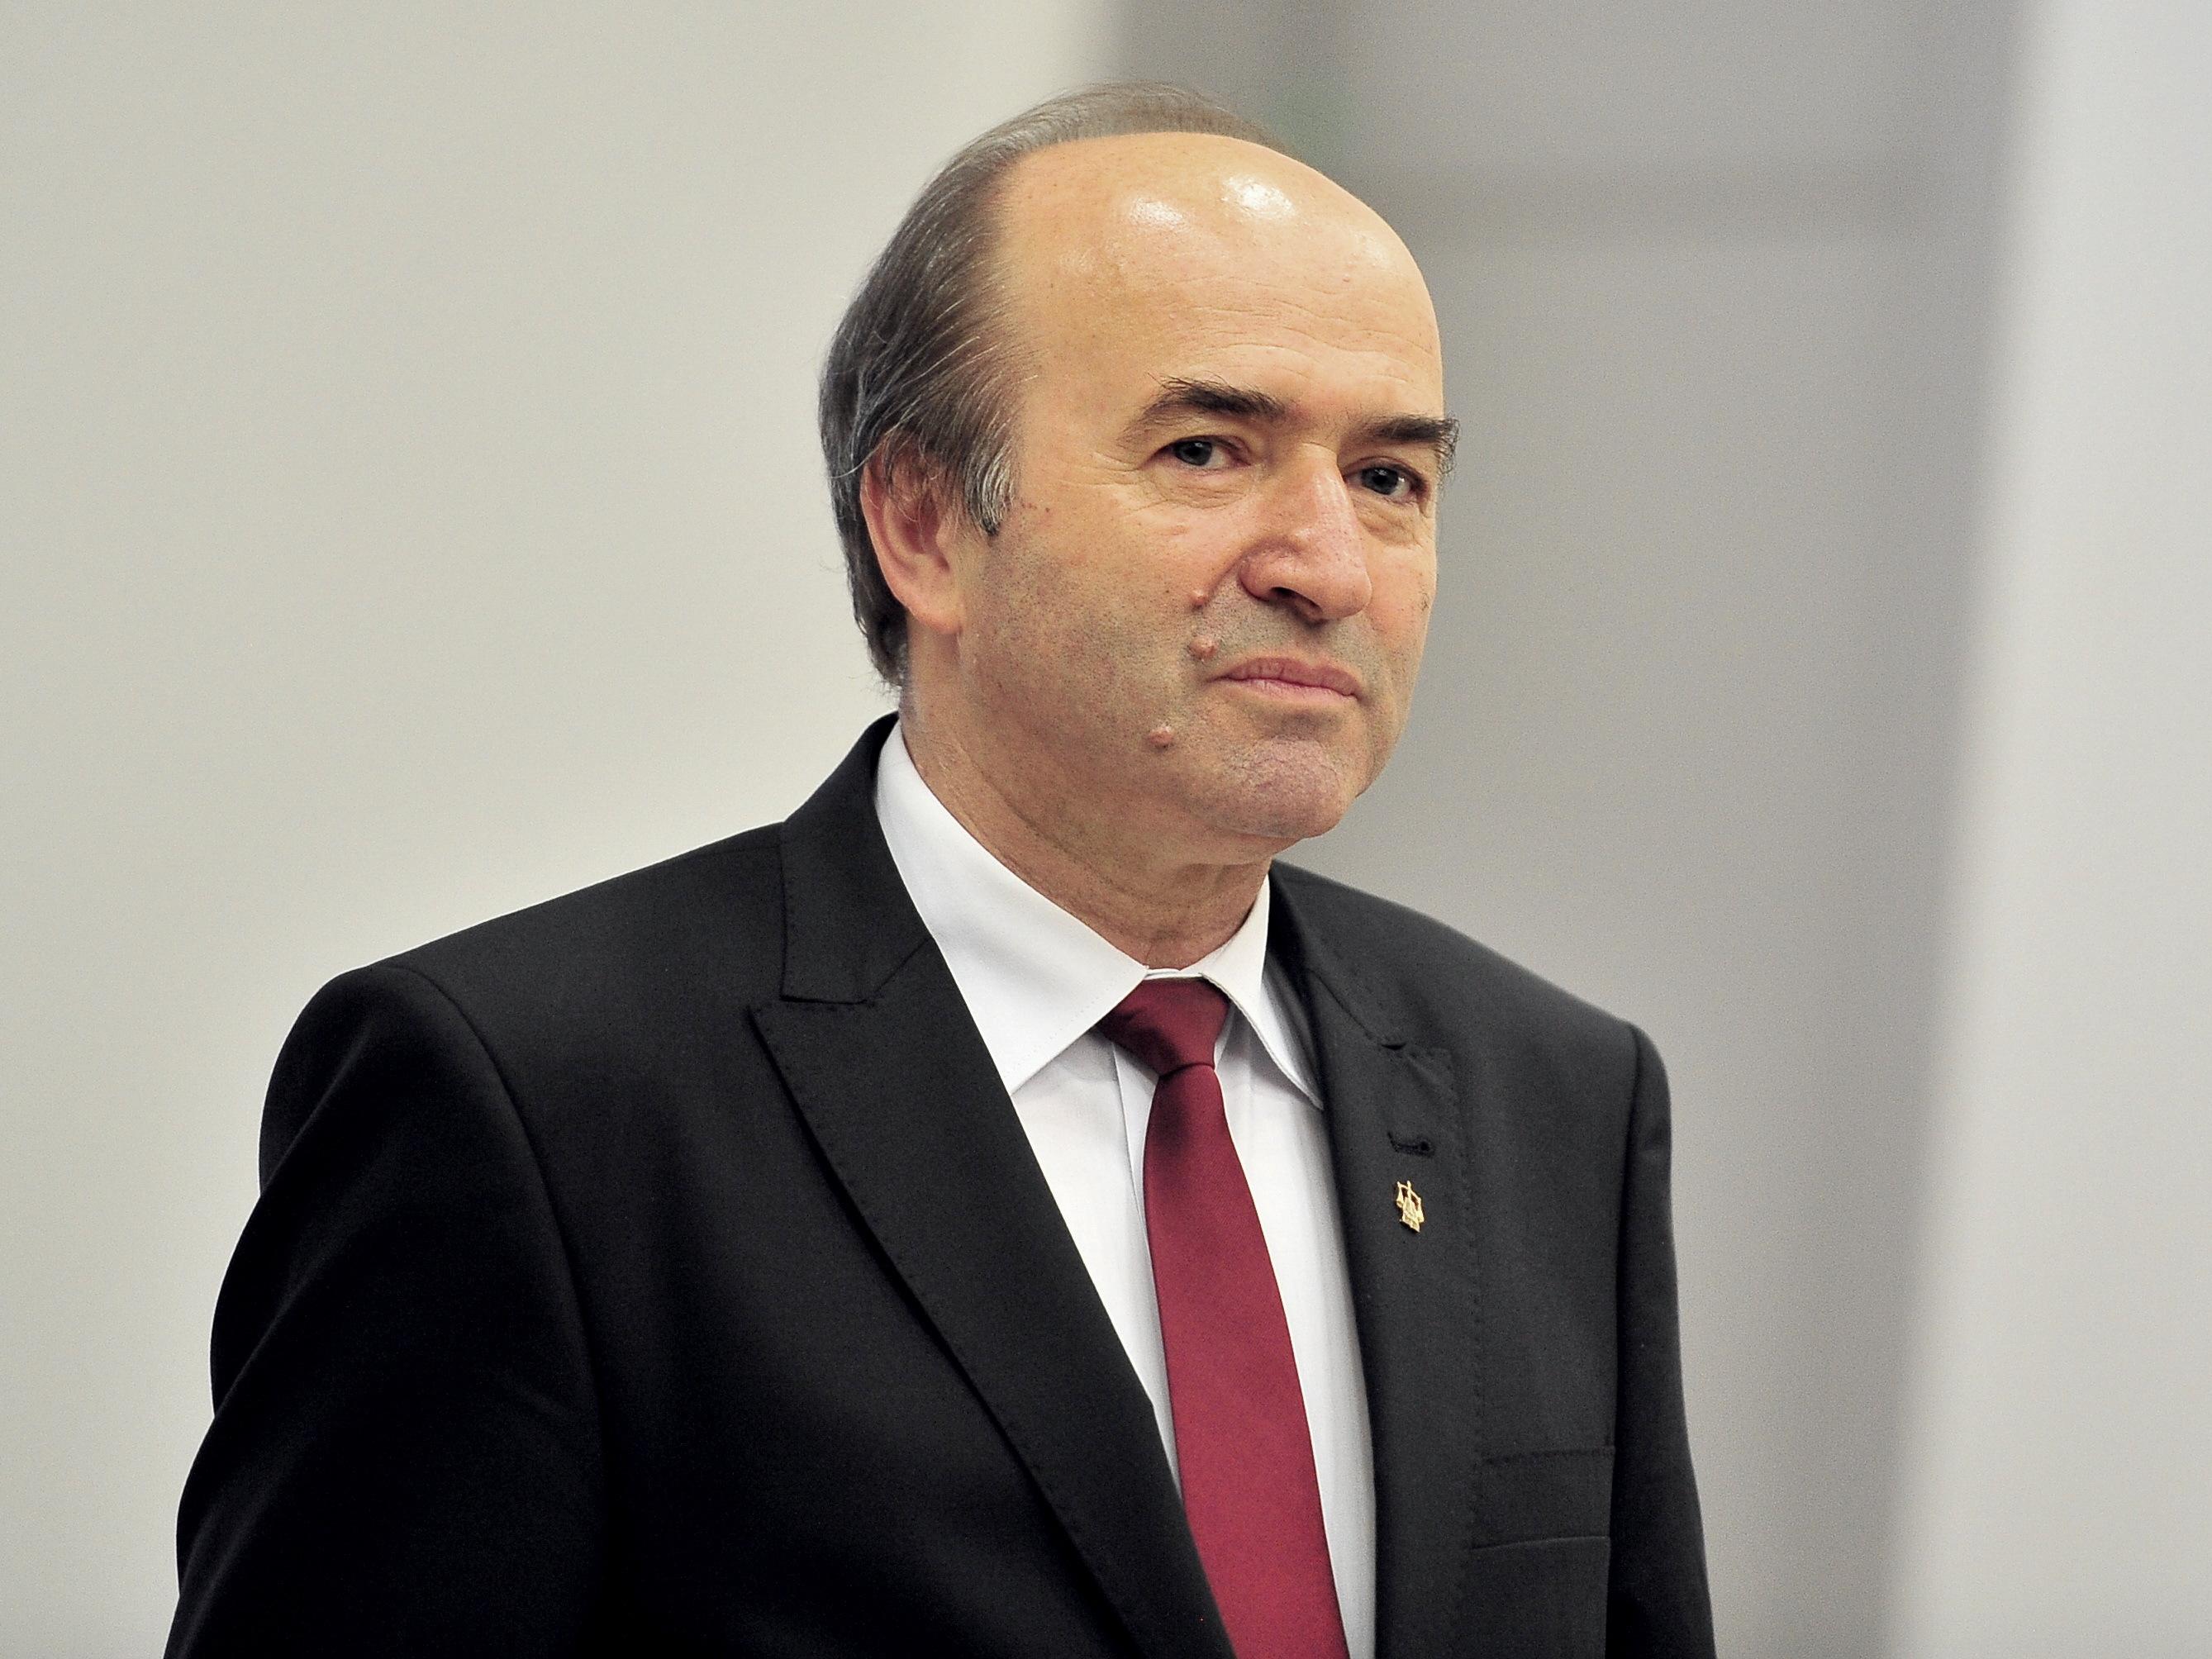 Tudorel Toader, după amendamentele la legile Justiţiei depuse în Parlament: Nu trebuie judecate. Pot fi modificate